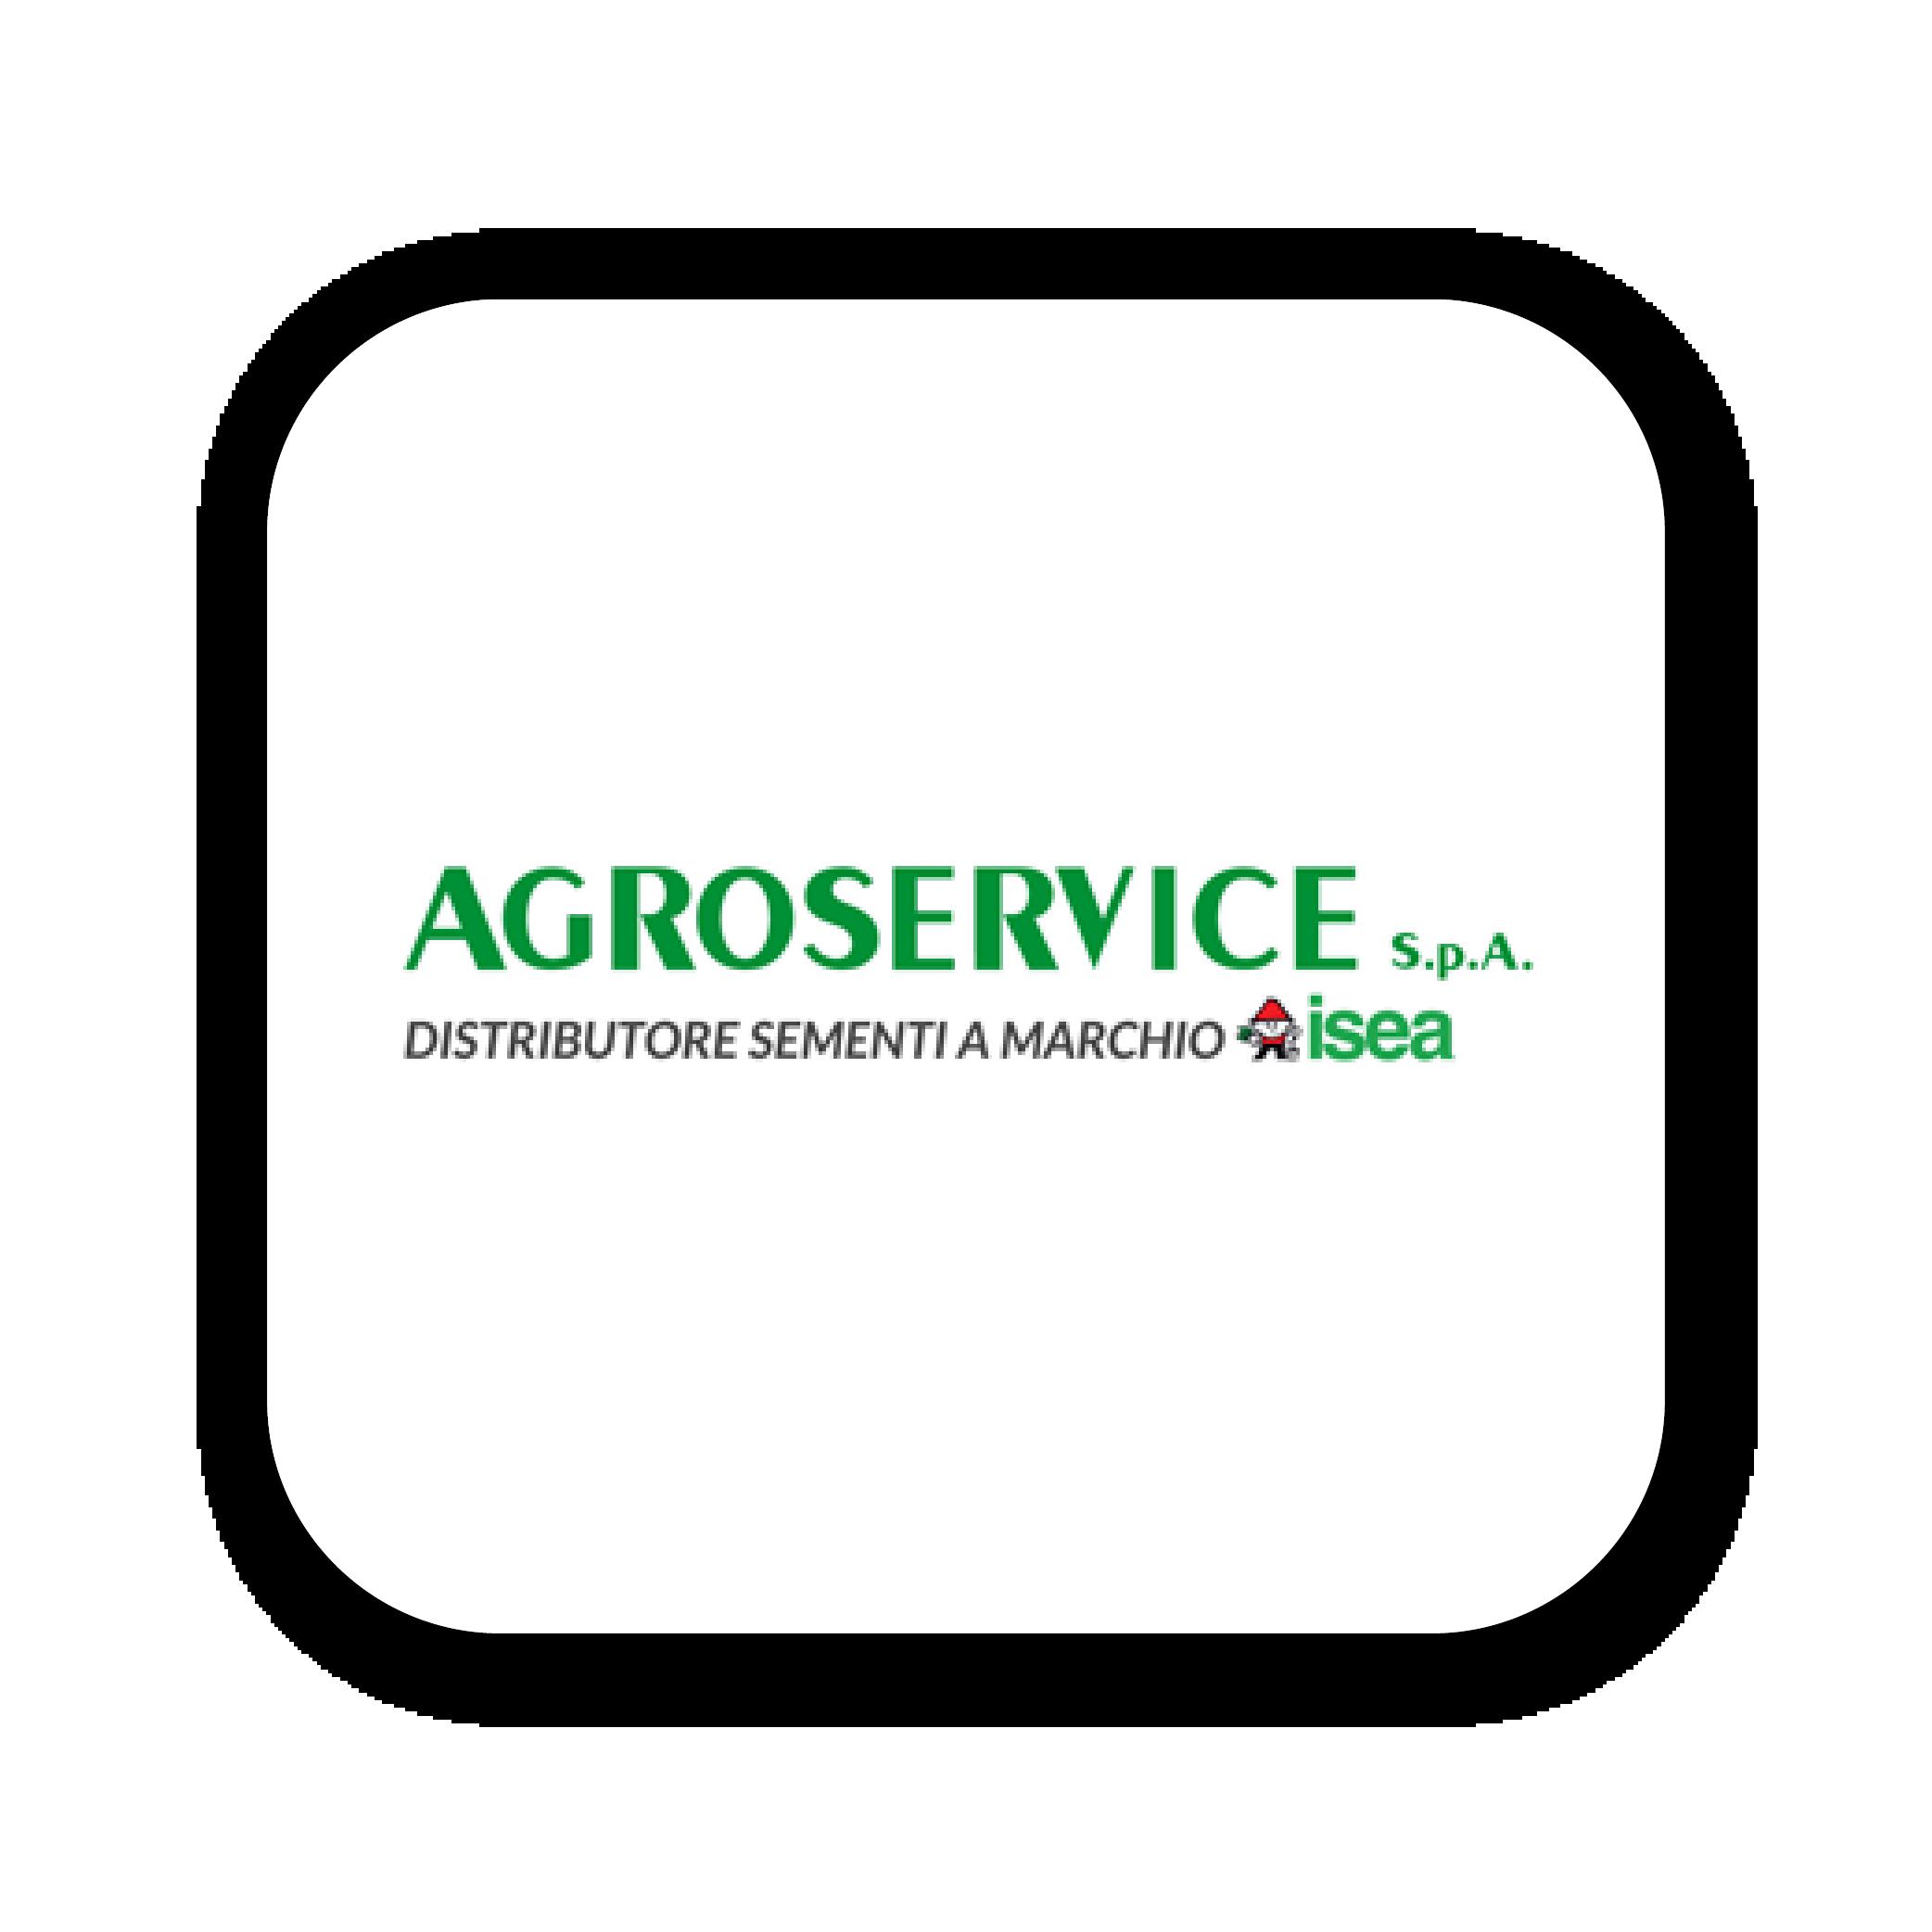 logo-09-2.png